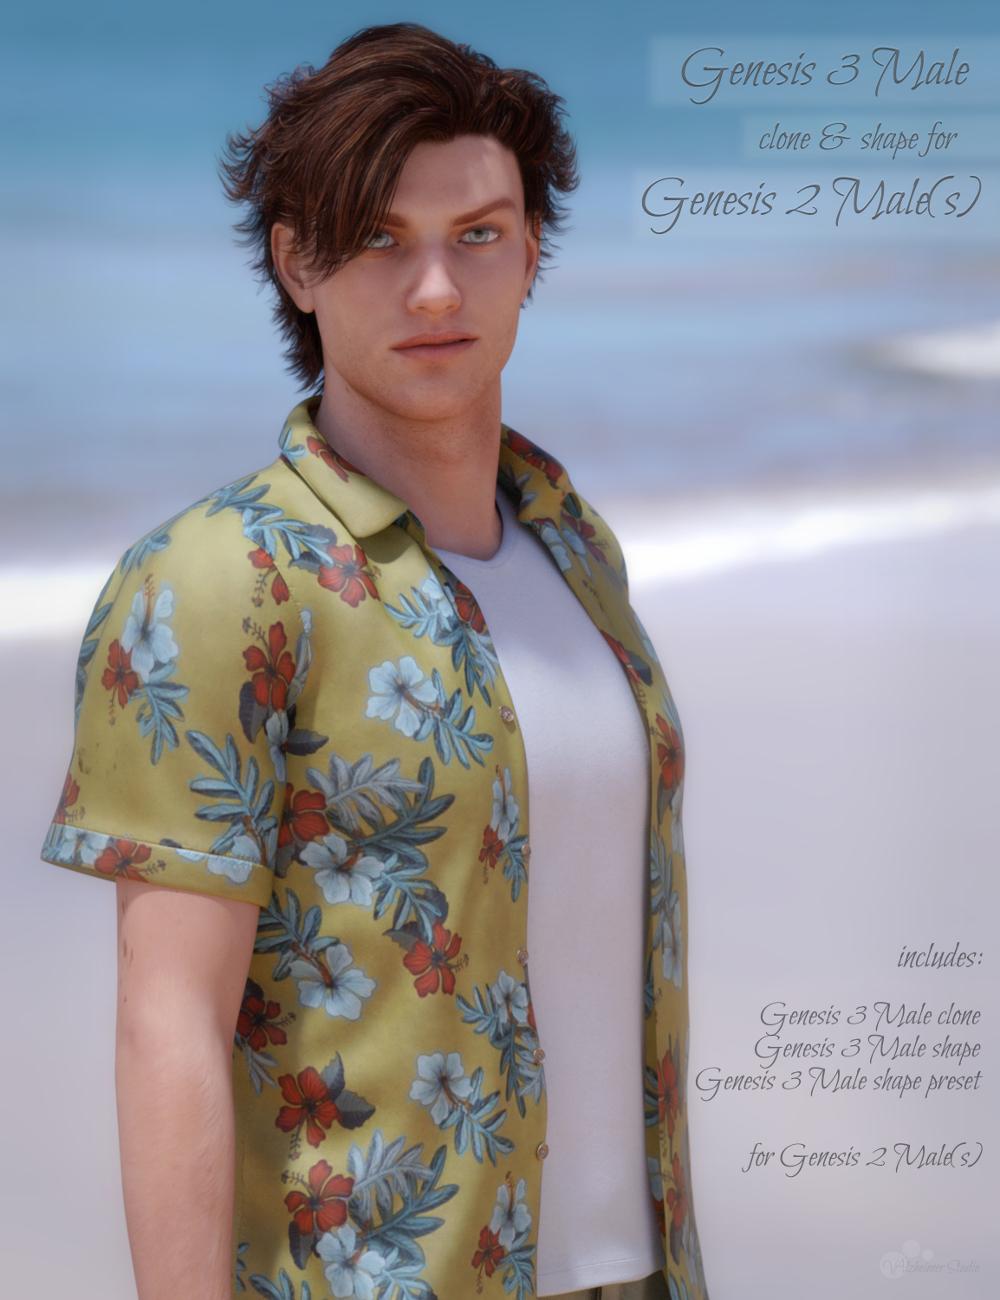 Genesis 3 Male for Genesis 2 Male(s) by: valzheimer, 3D Models by Daz 3D